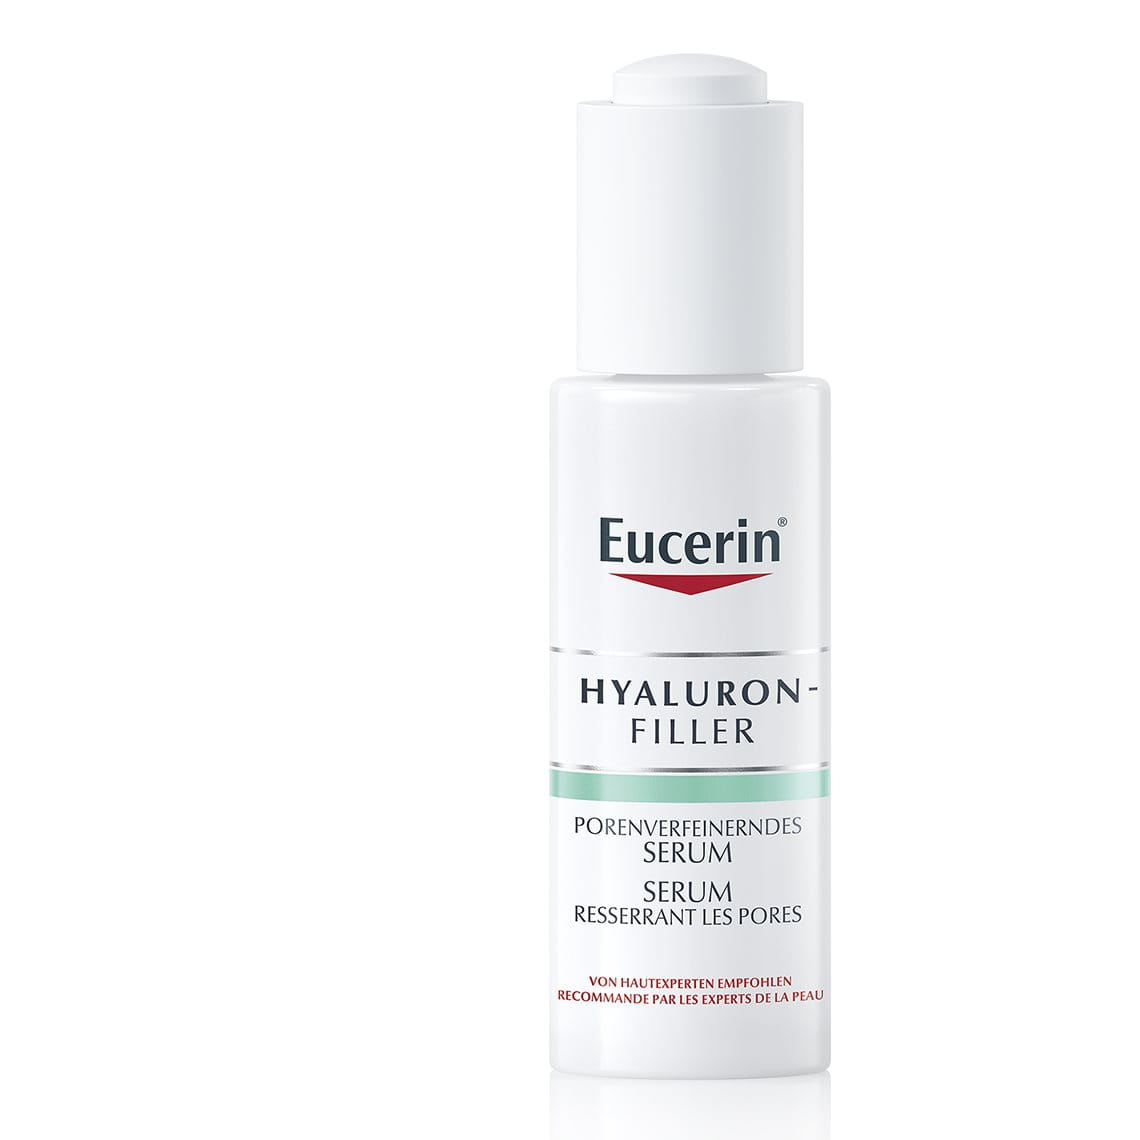 Eucerin HYALURON-FILLER Porenverfeinerndes Serum